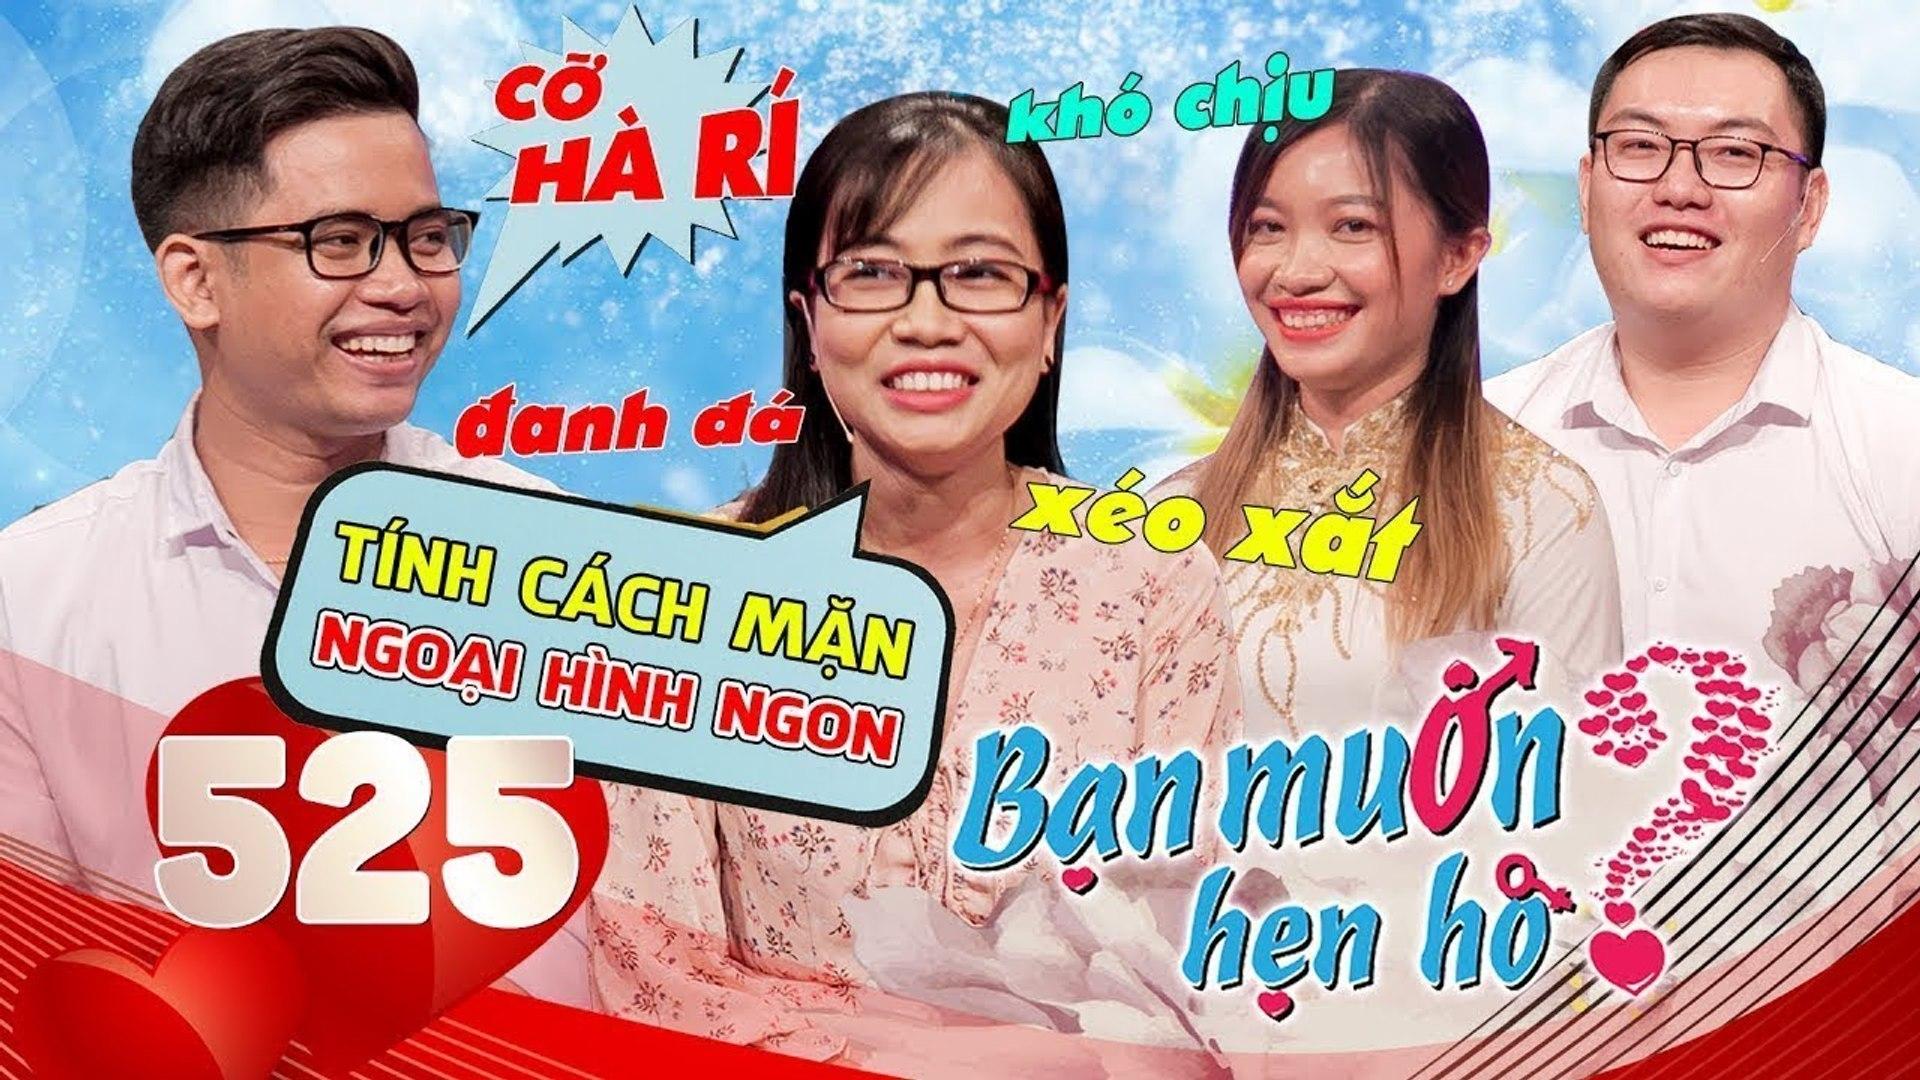 BẠN MUỐN HẸN HÒ #525 UNCUT - Trai Cà Mau bị GAY thả dê lên BMHH tìm vợ bị cô gái Long An từ chối phũ